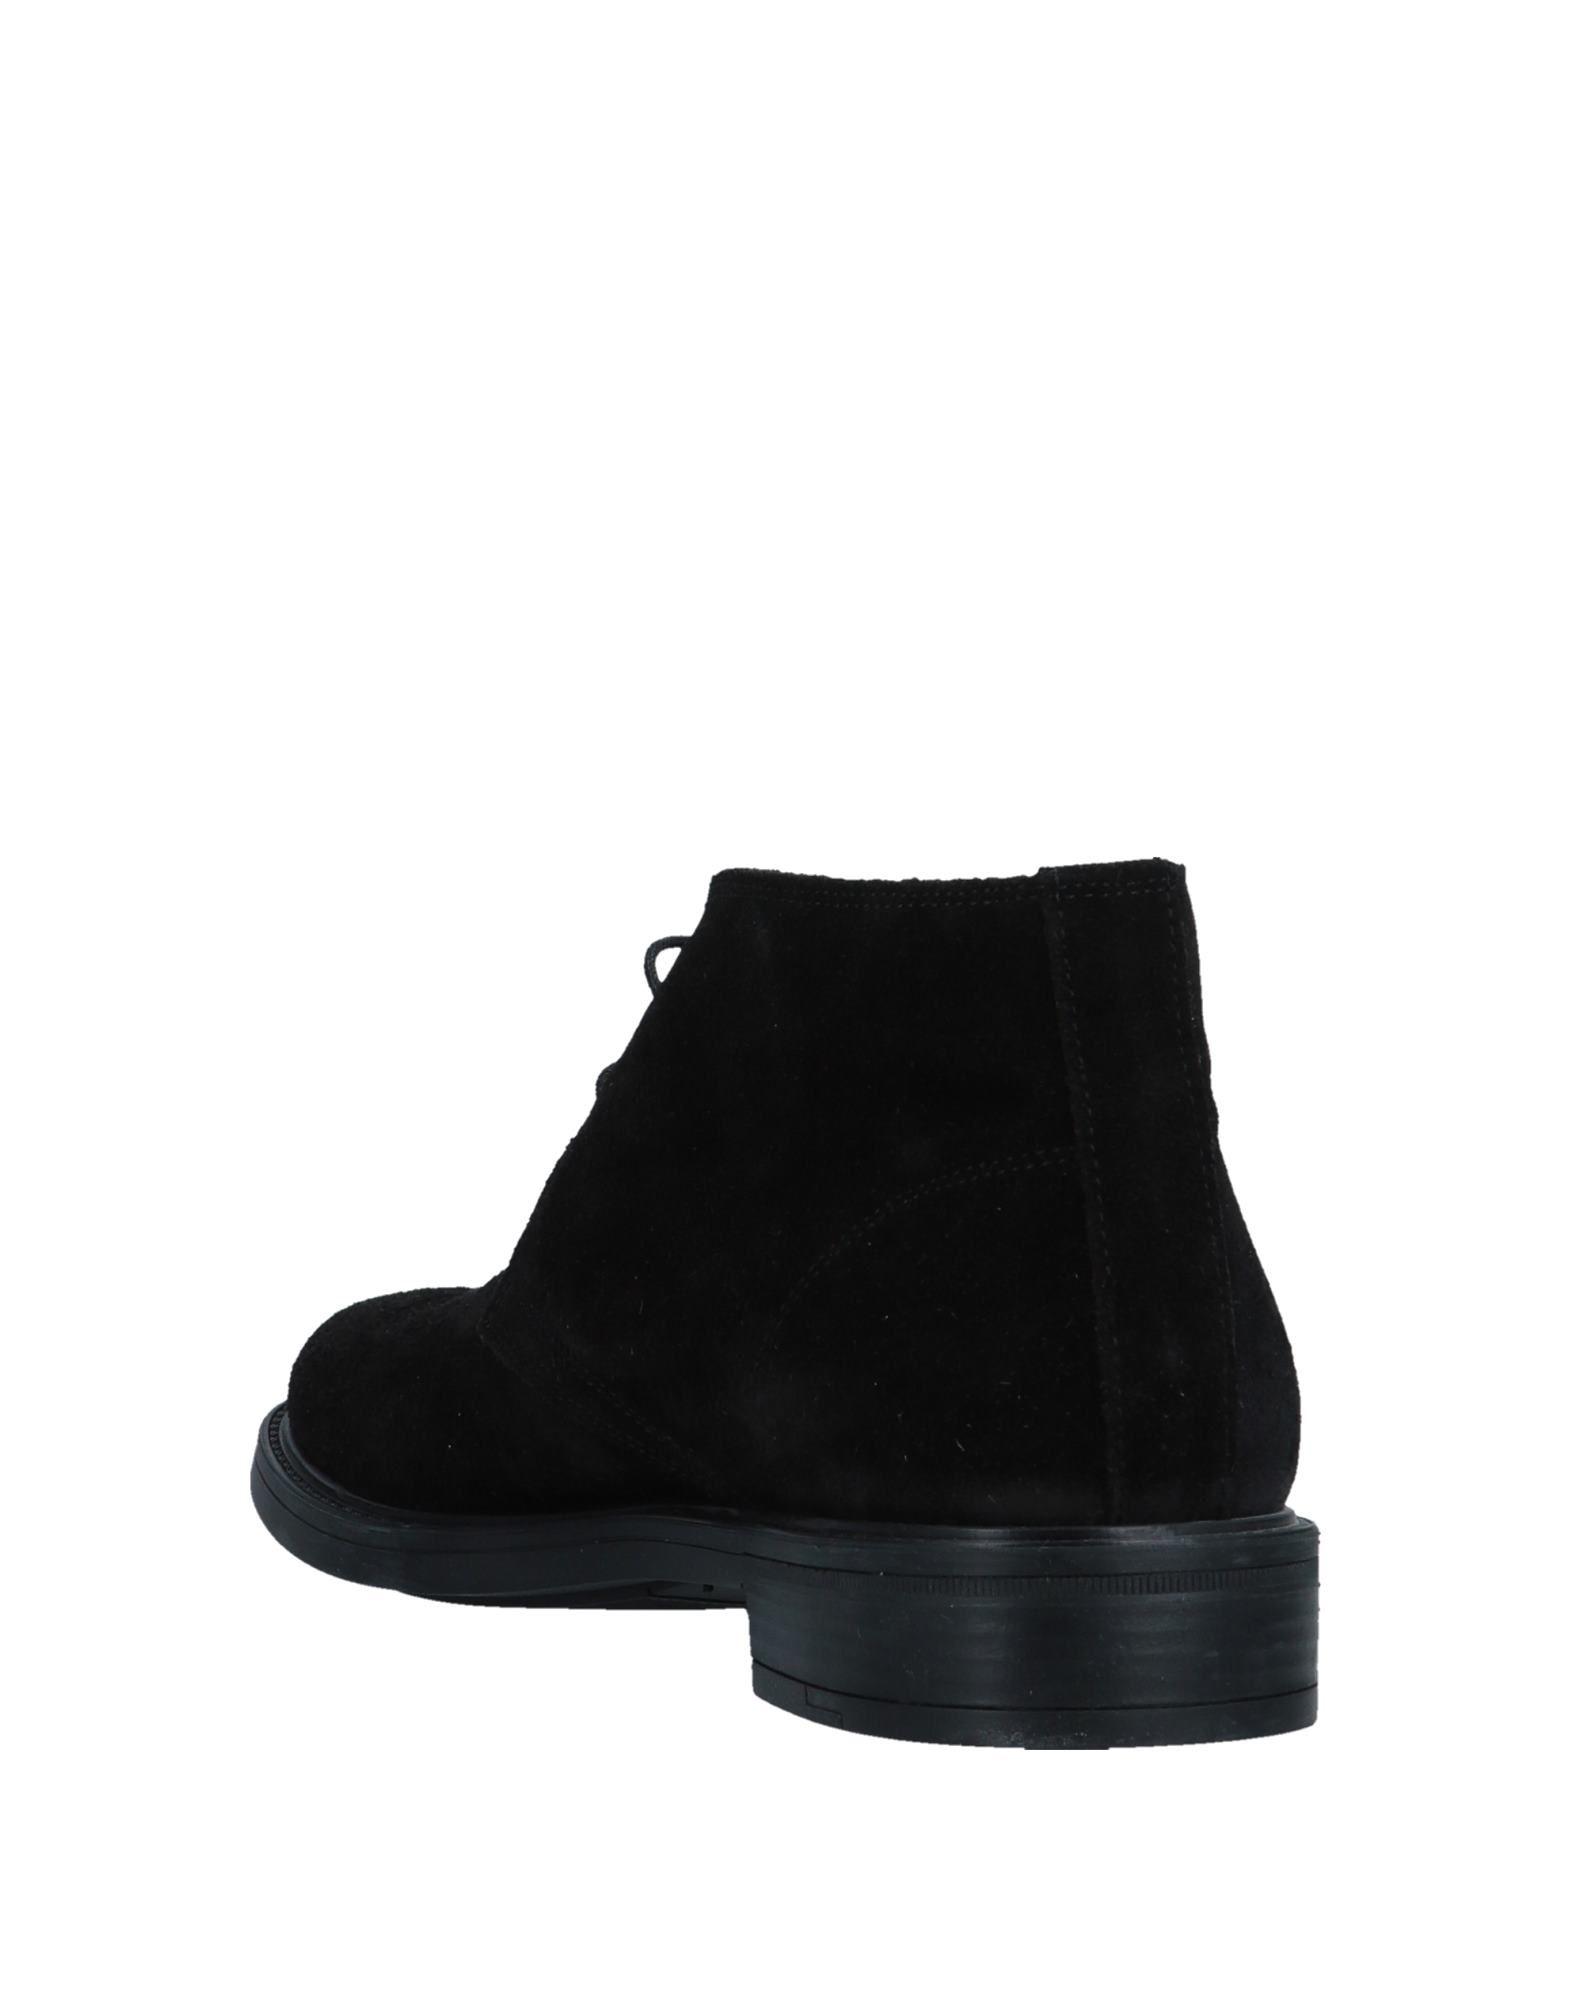 Rabatt echte Schuhe Le Bilò 11561217AA Stiefelette Herren 11561217AA Bilò f55556